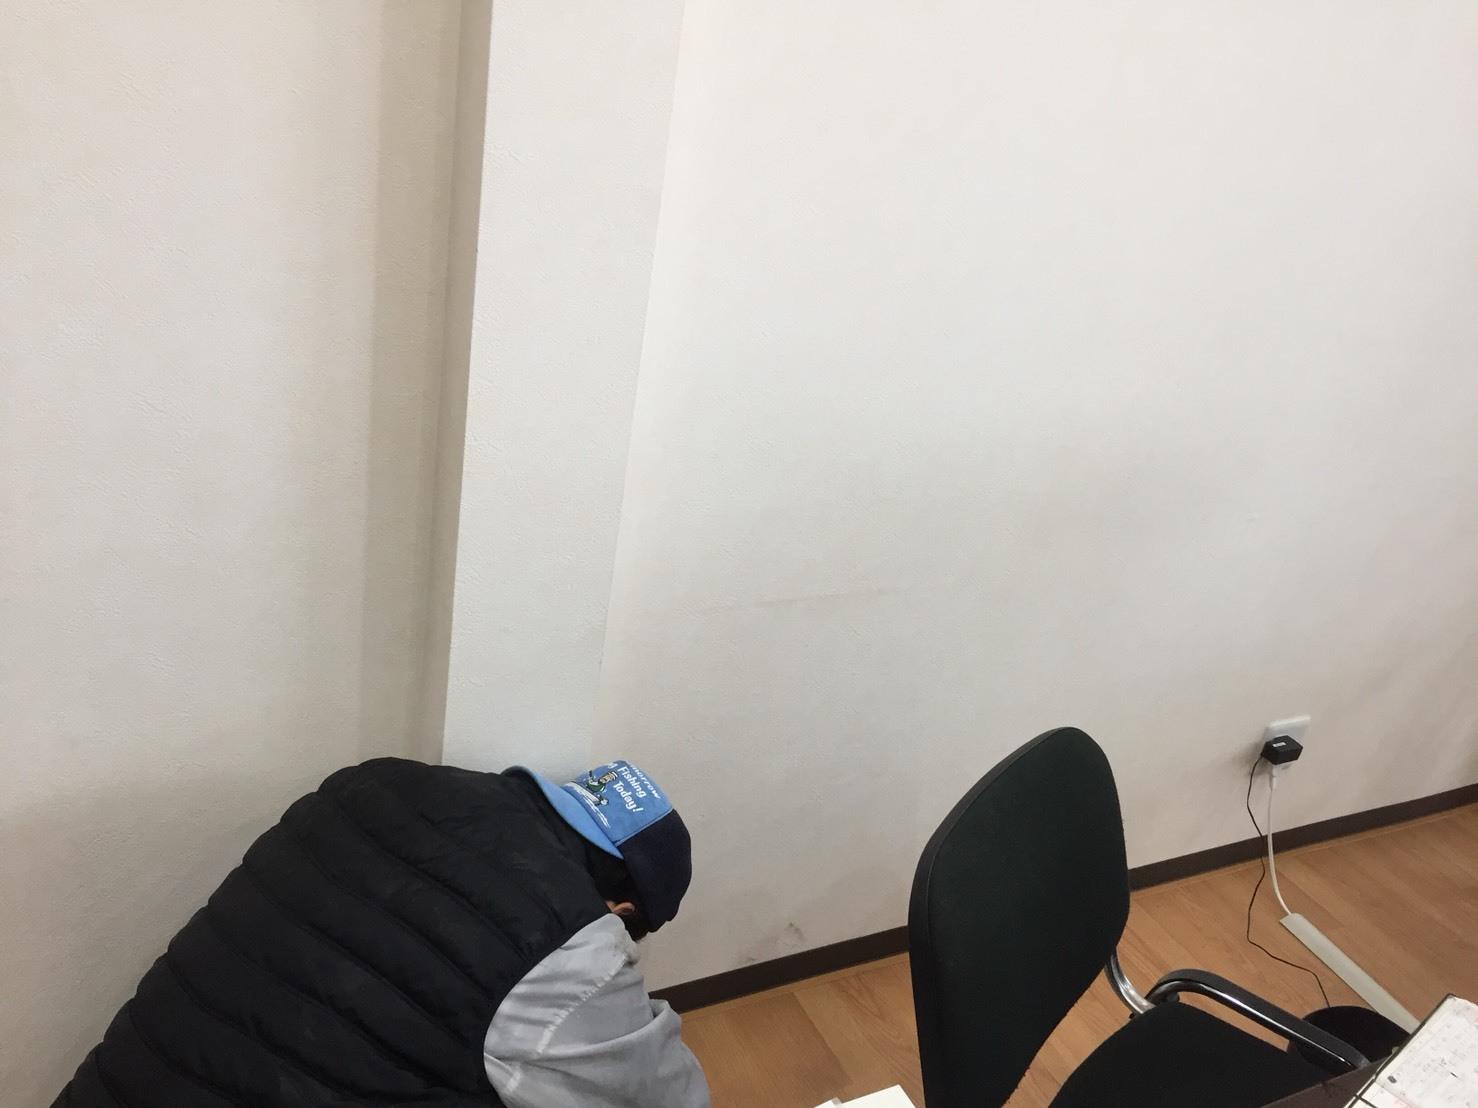 4月11日㈬本店なっちゃんブログ(*ꆤ.̫ꆤ*)ランクル アルファード レクサス._b0127002_17343424.jpg